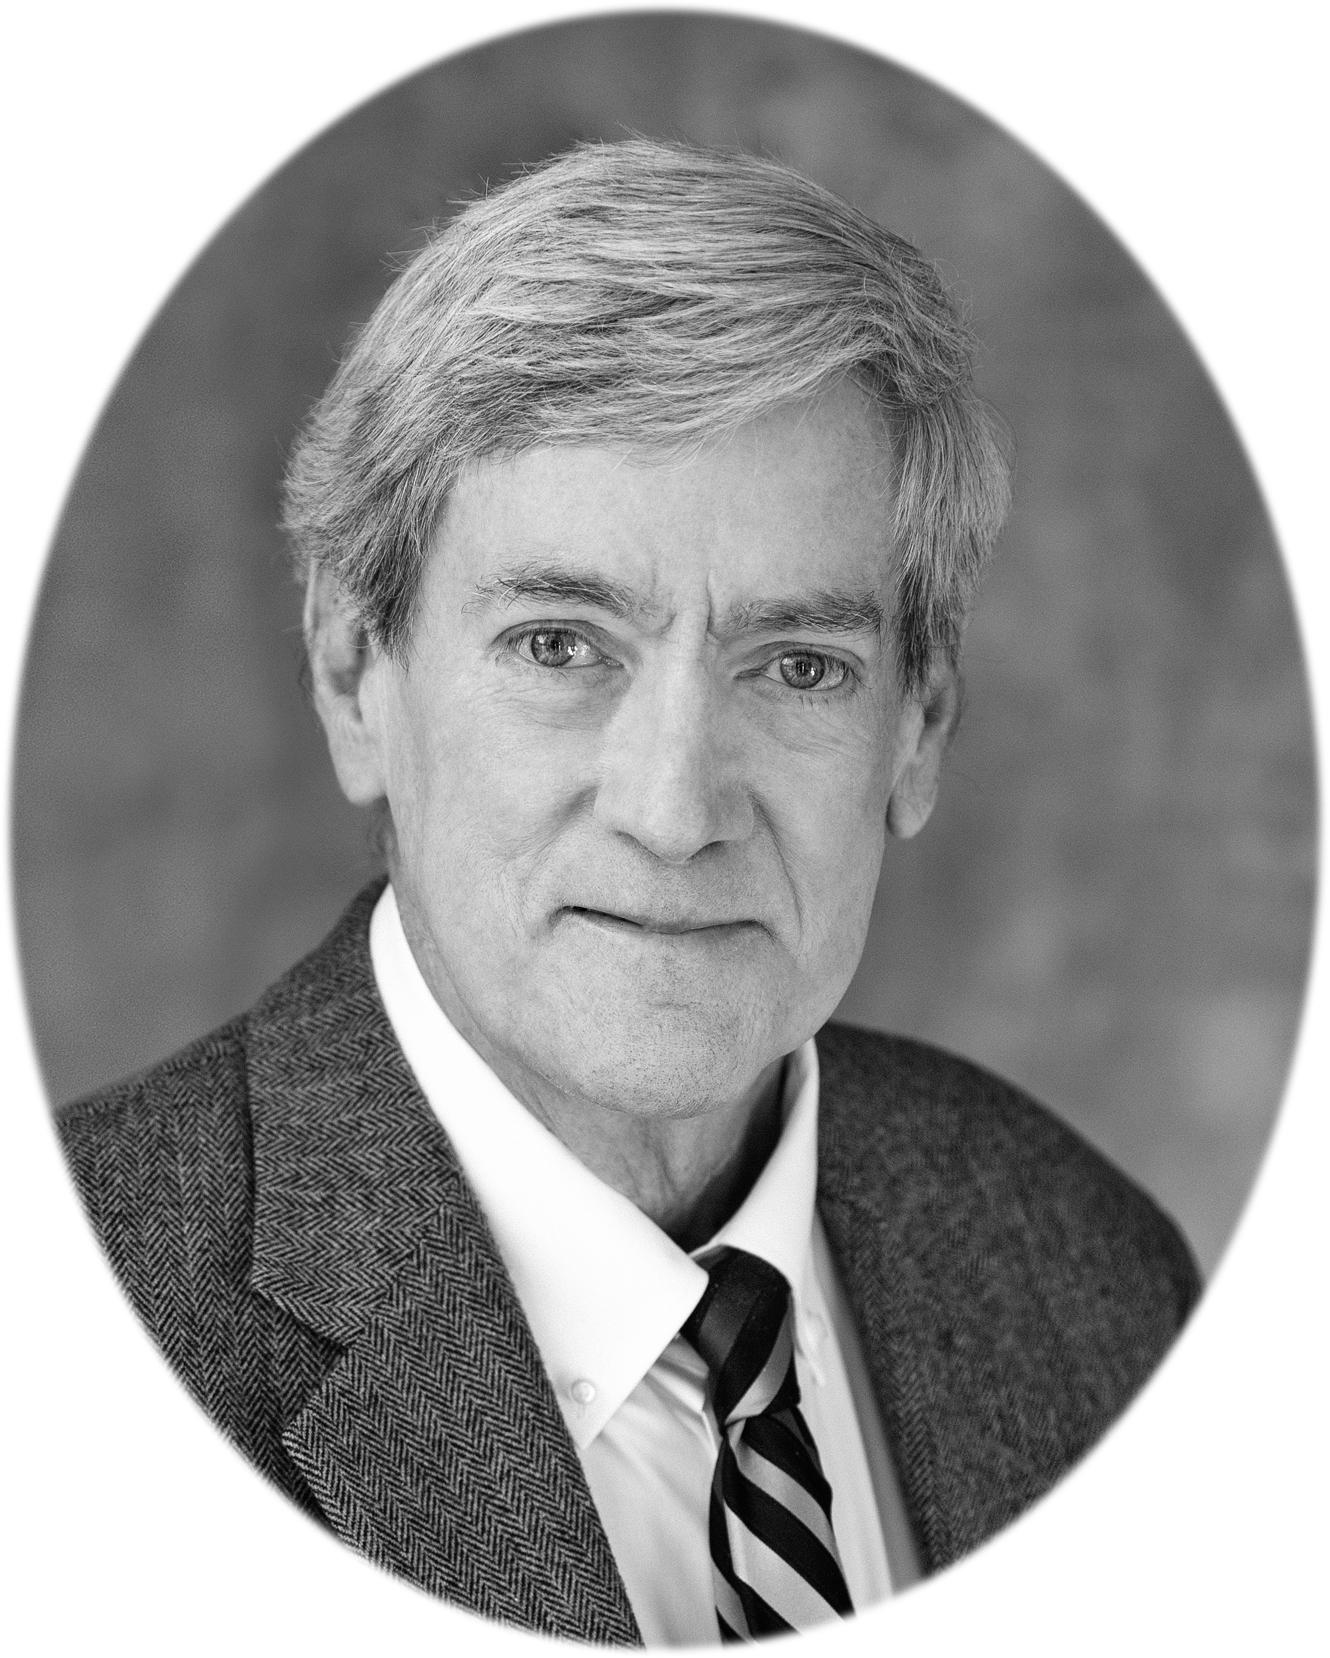 Stanley M. Truhlsen, Jr.